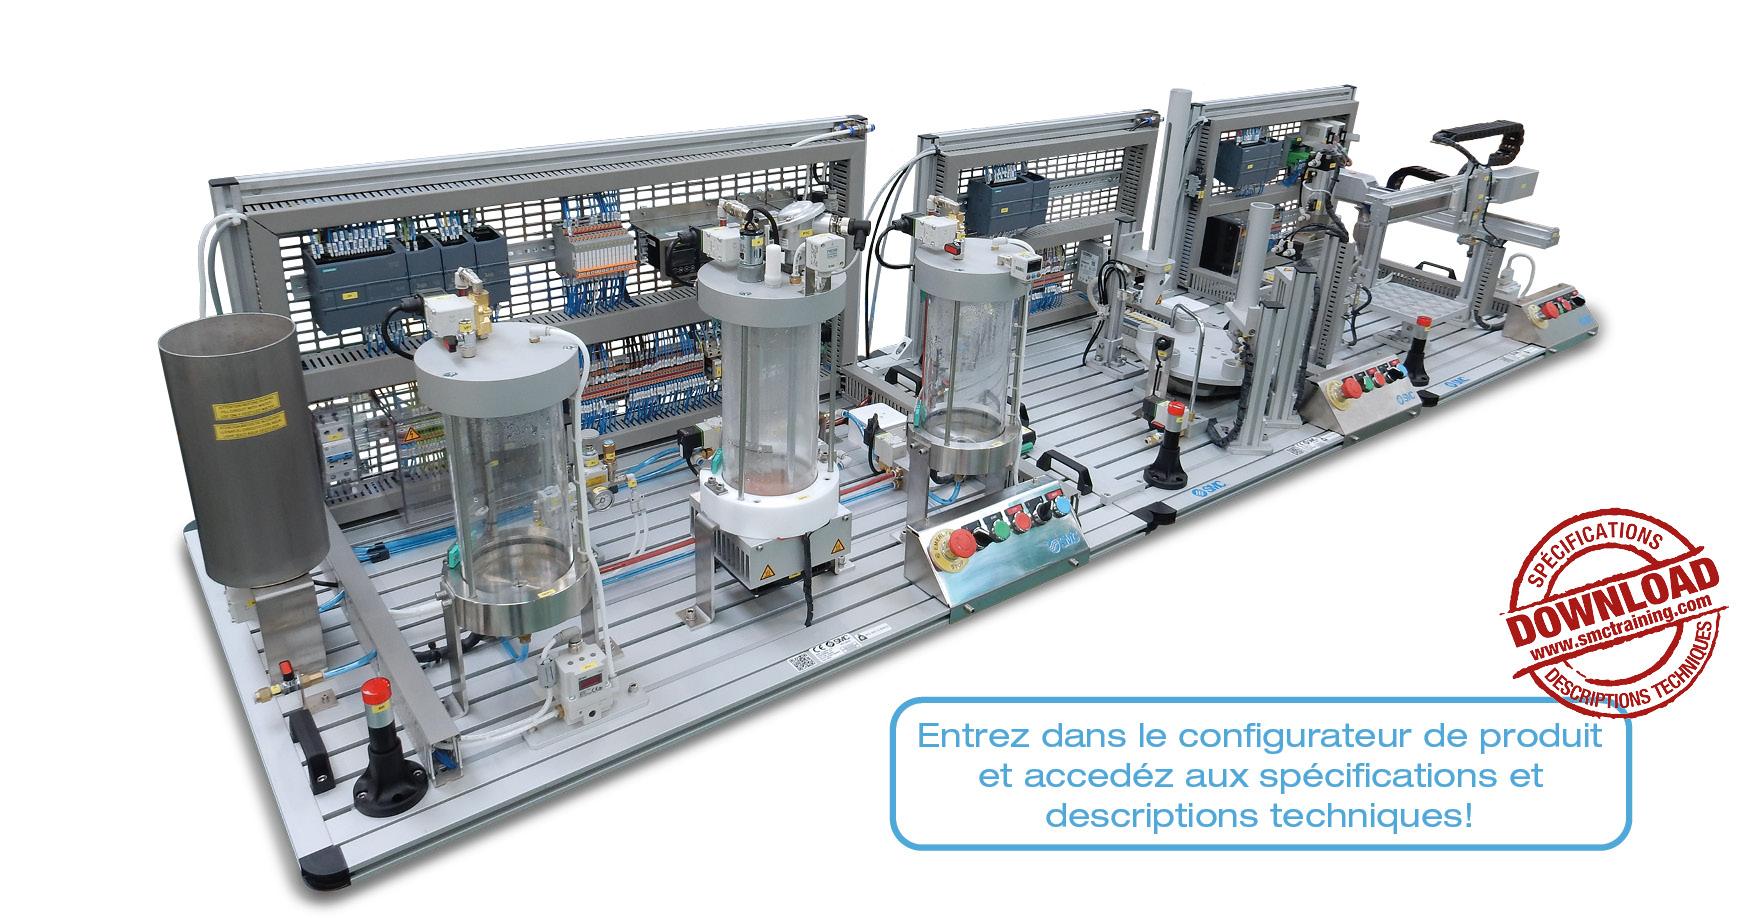 IPC-200 - Un système complet d'entraînement, modulaire et flexible, dans le domaine du Contrôle des Procédés Industriels